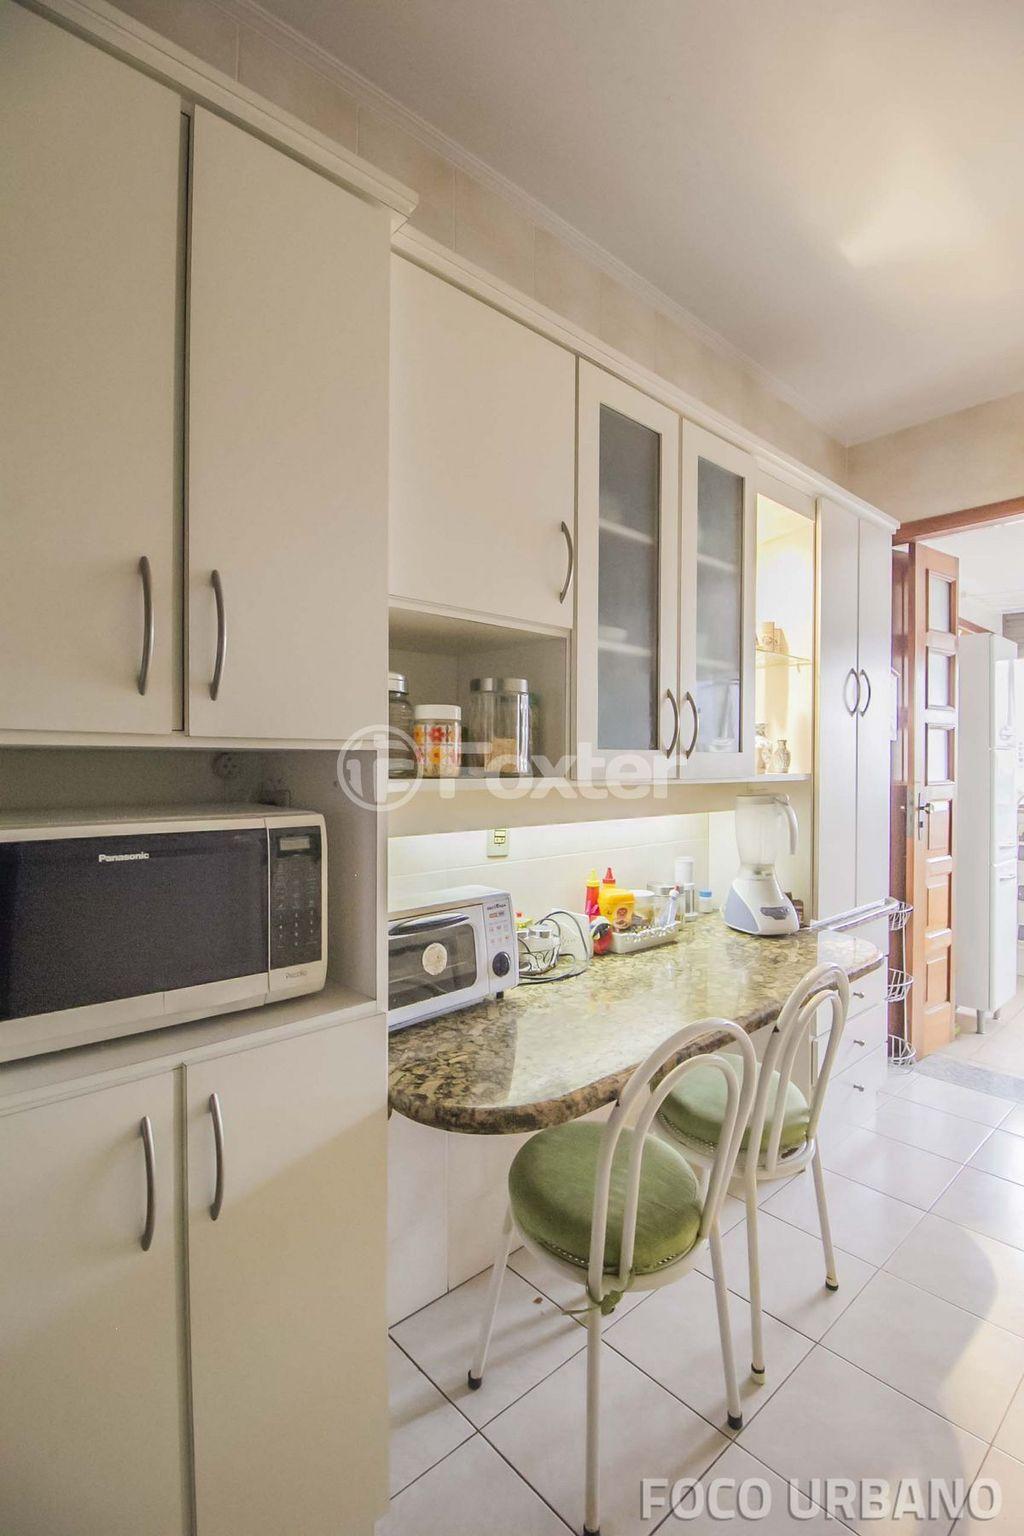 Foxter Imobiliária - Apto 3 Dorm, Vila Ipiranga - Foto 21